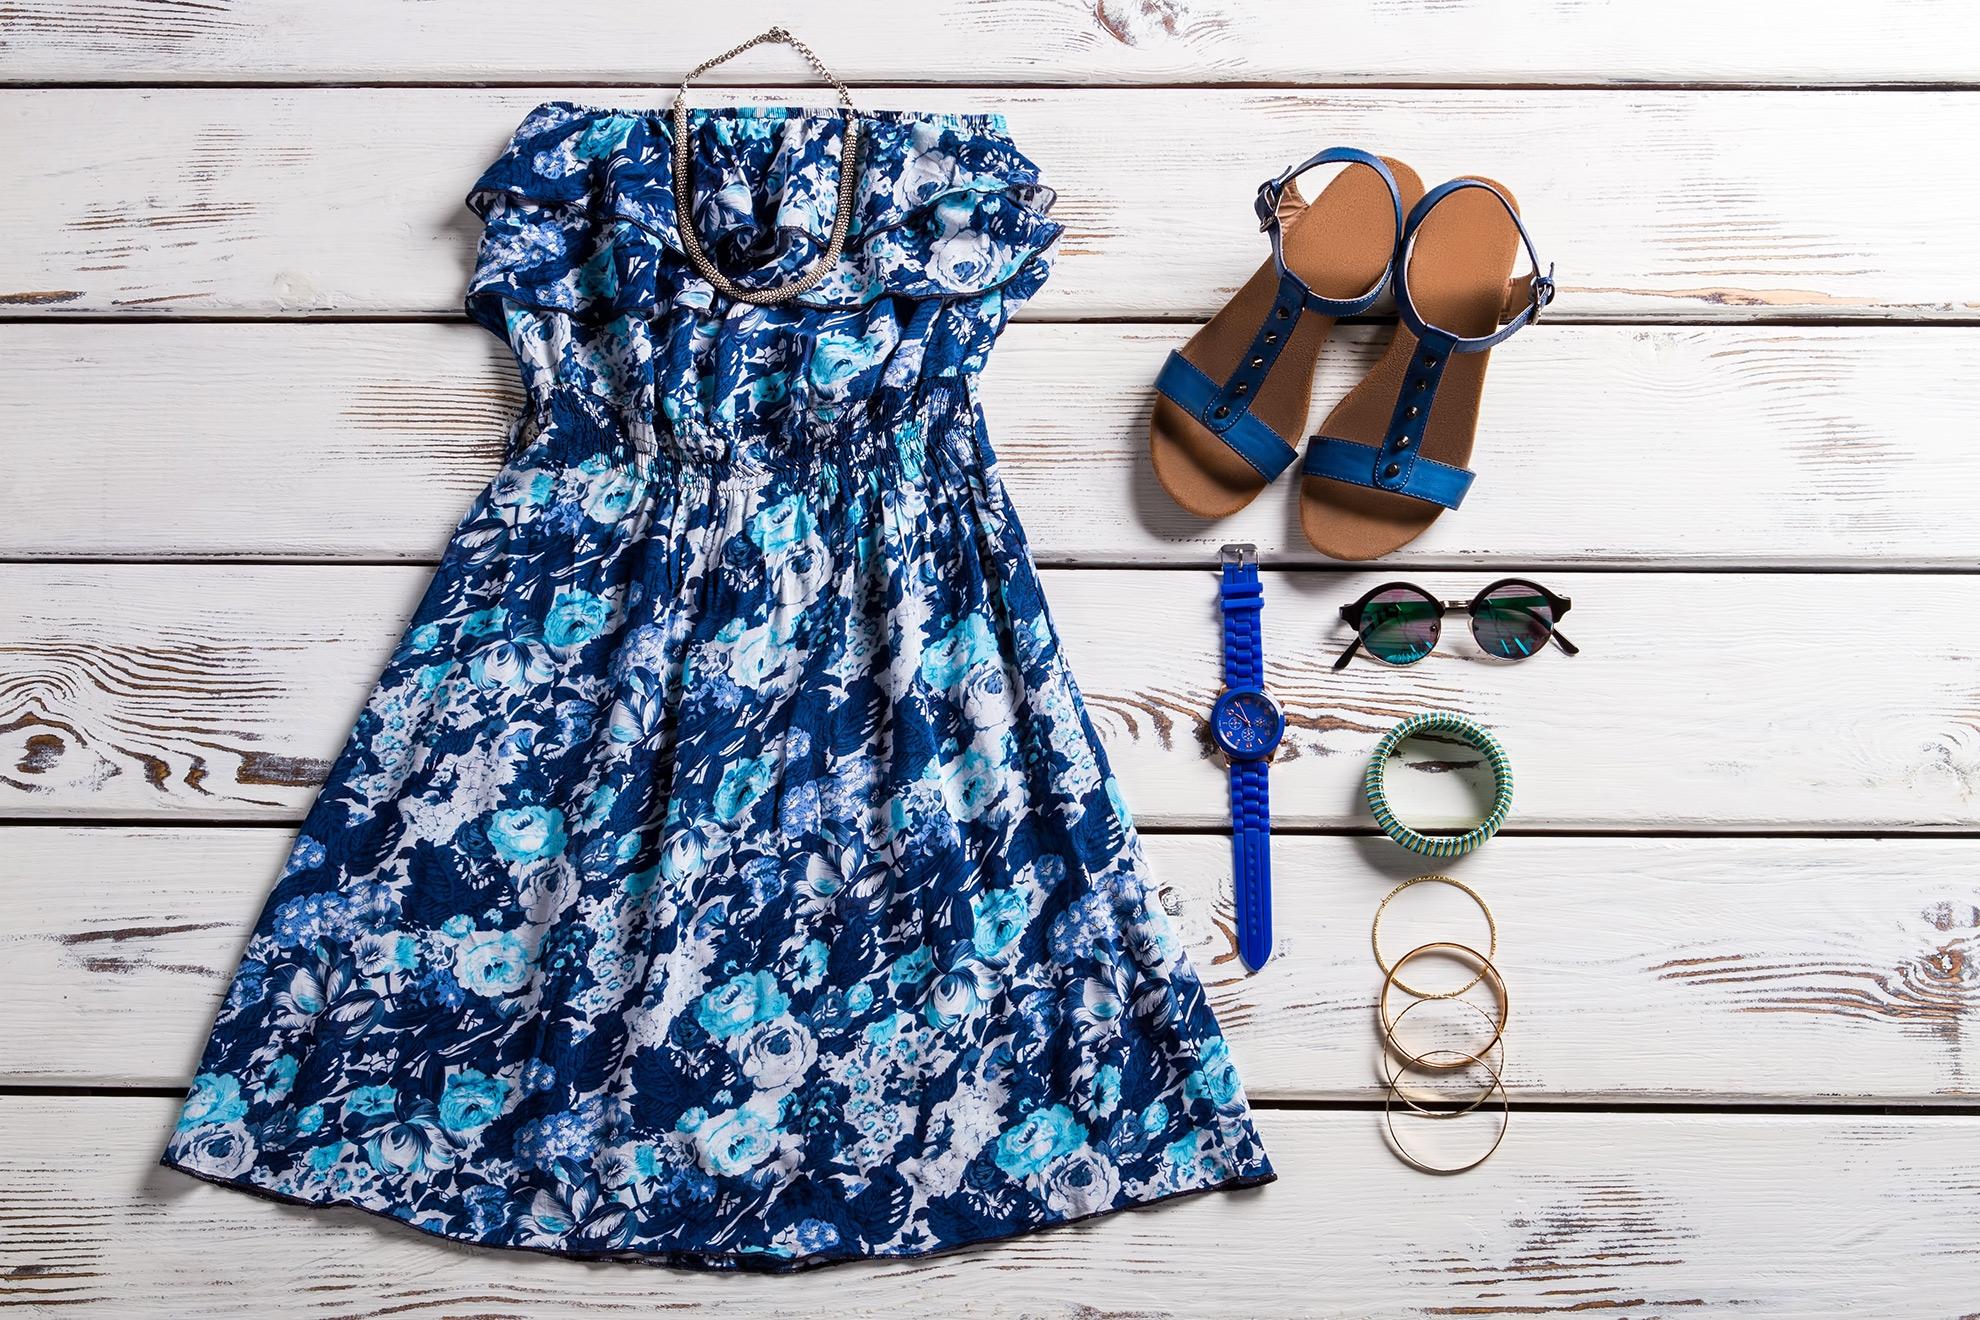 Stylizacja z sukienką, ilustracja do artykułu o trendach